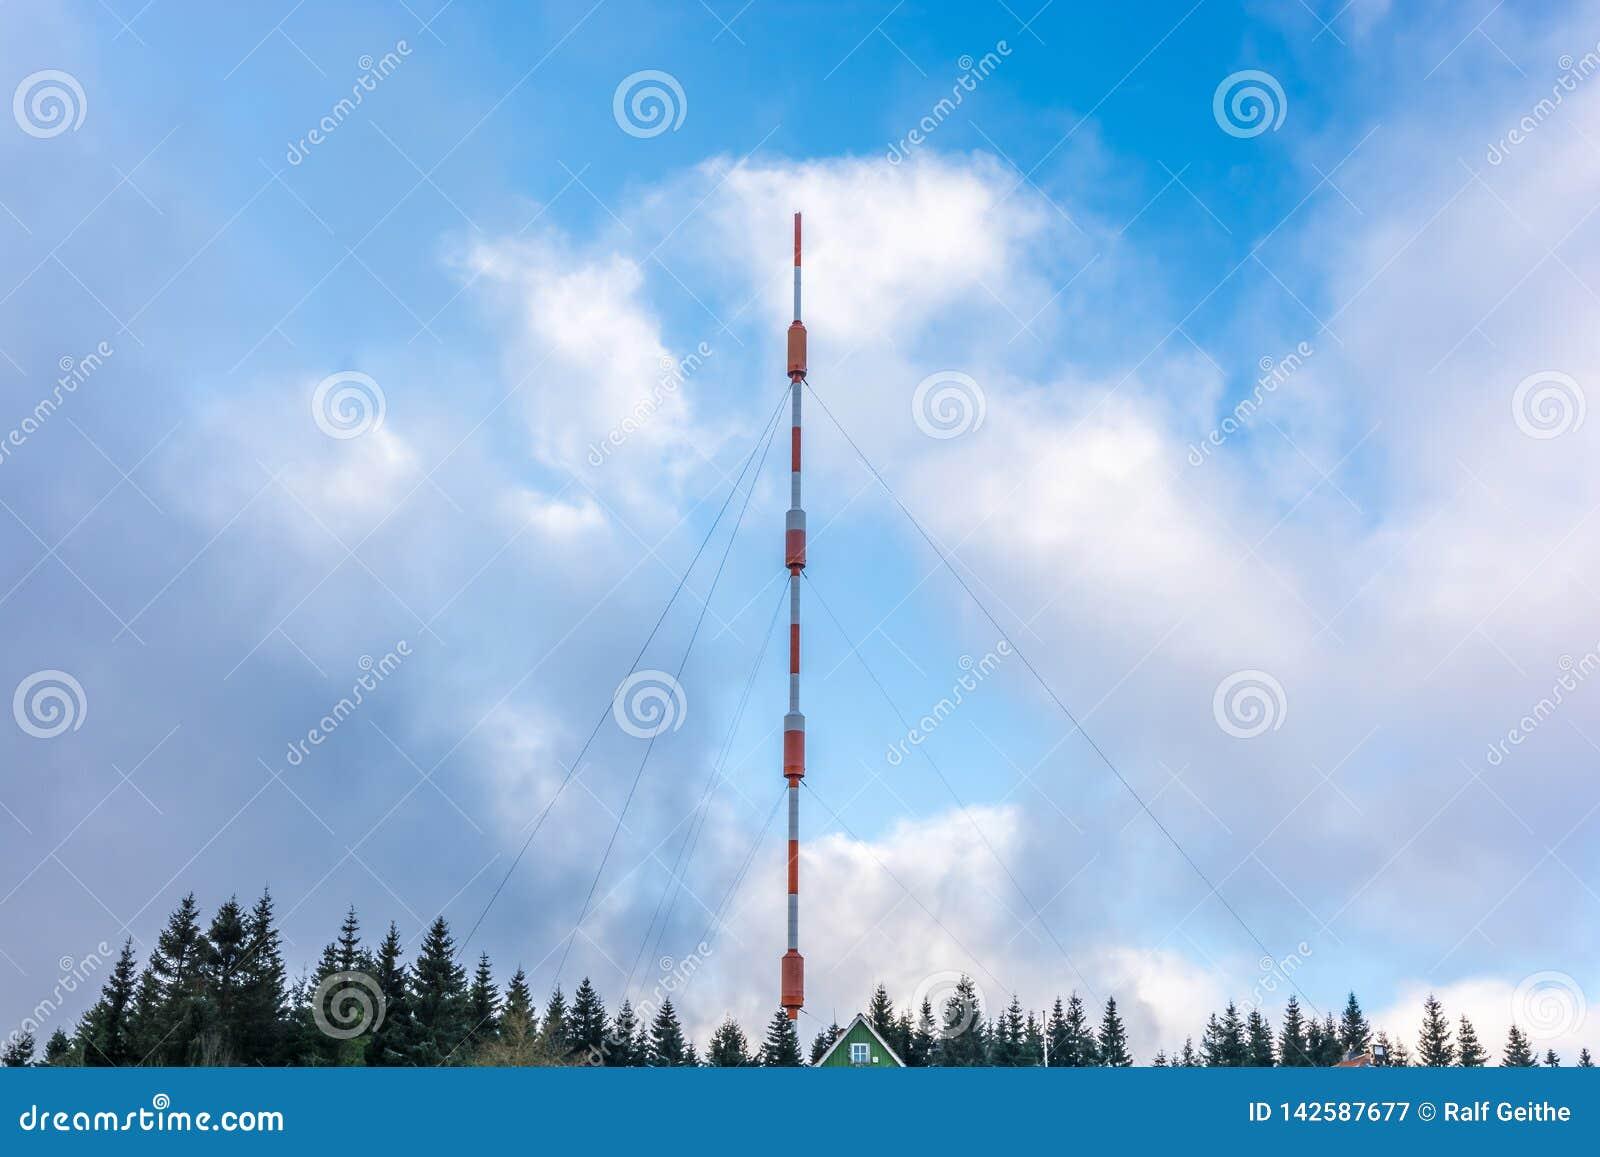 Torre alta mesma da transmissão na frente do céu azul nebuloso